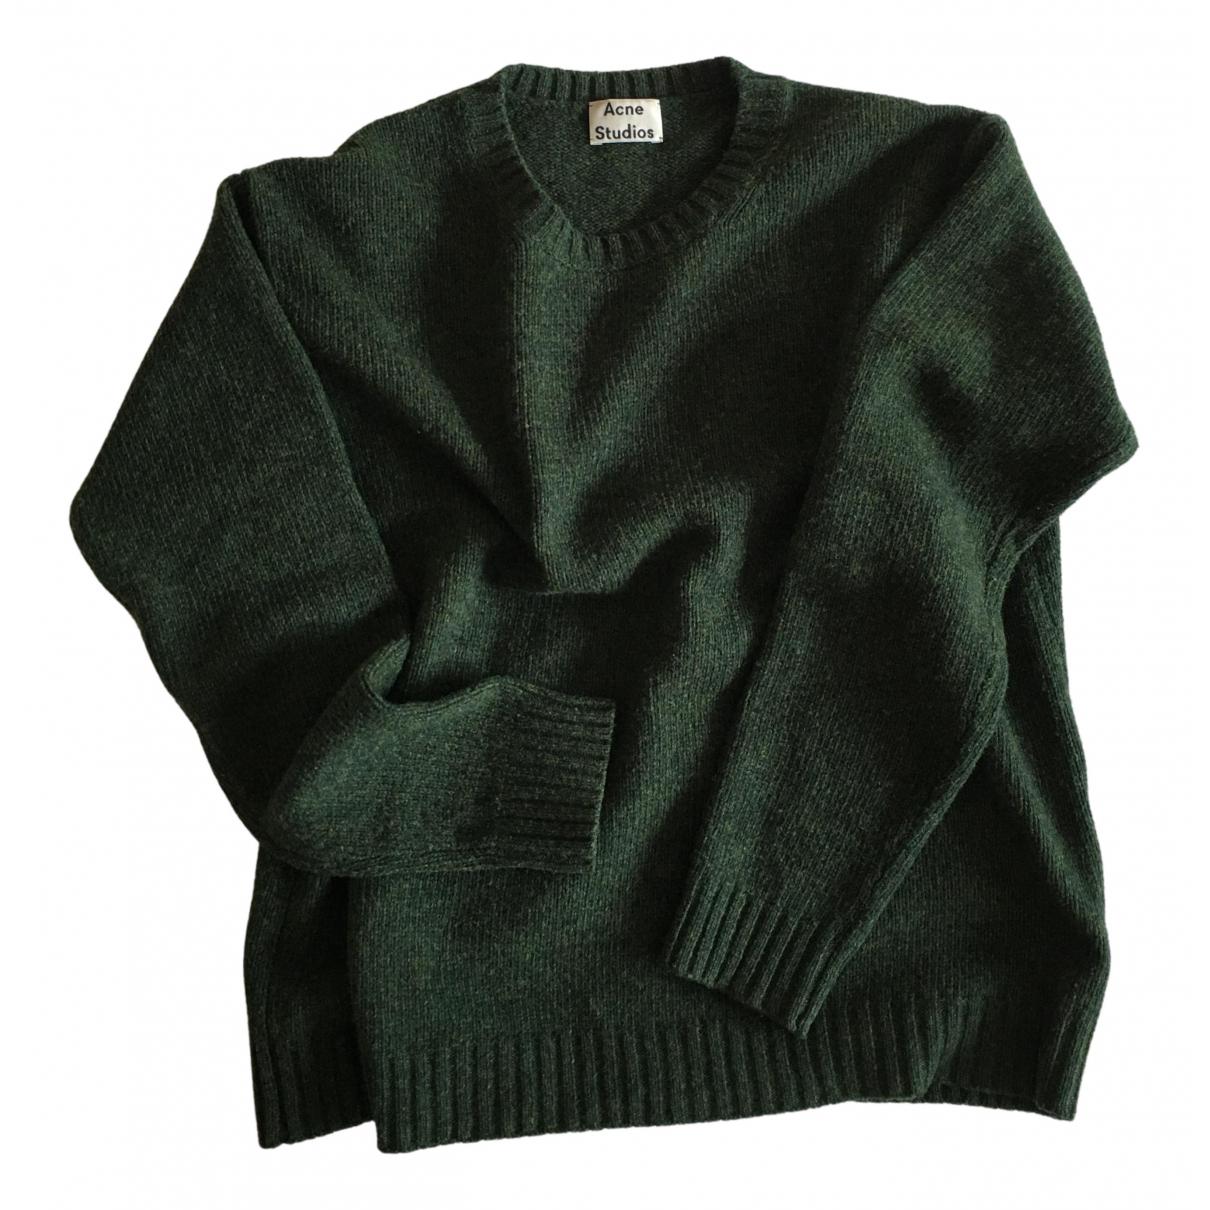 Acne Studios - Pull   pour femme en laine - vert